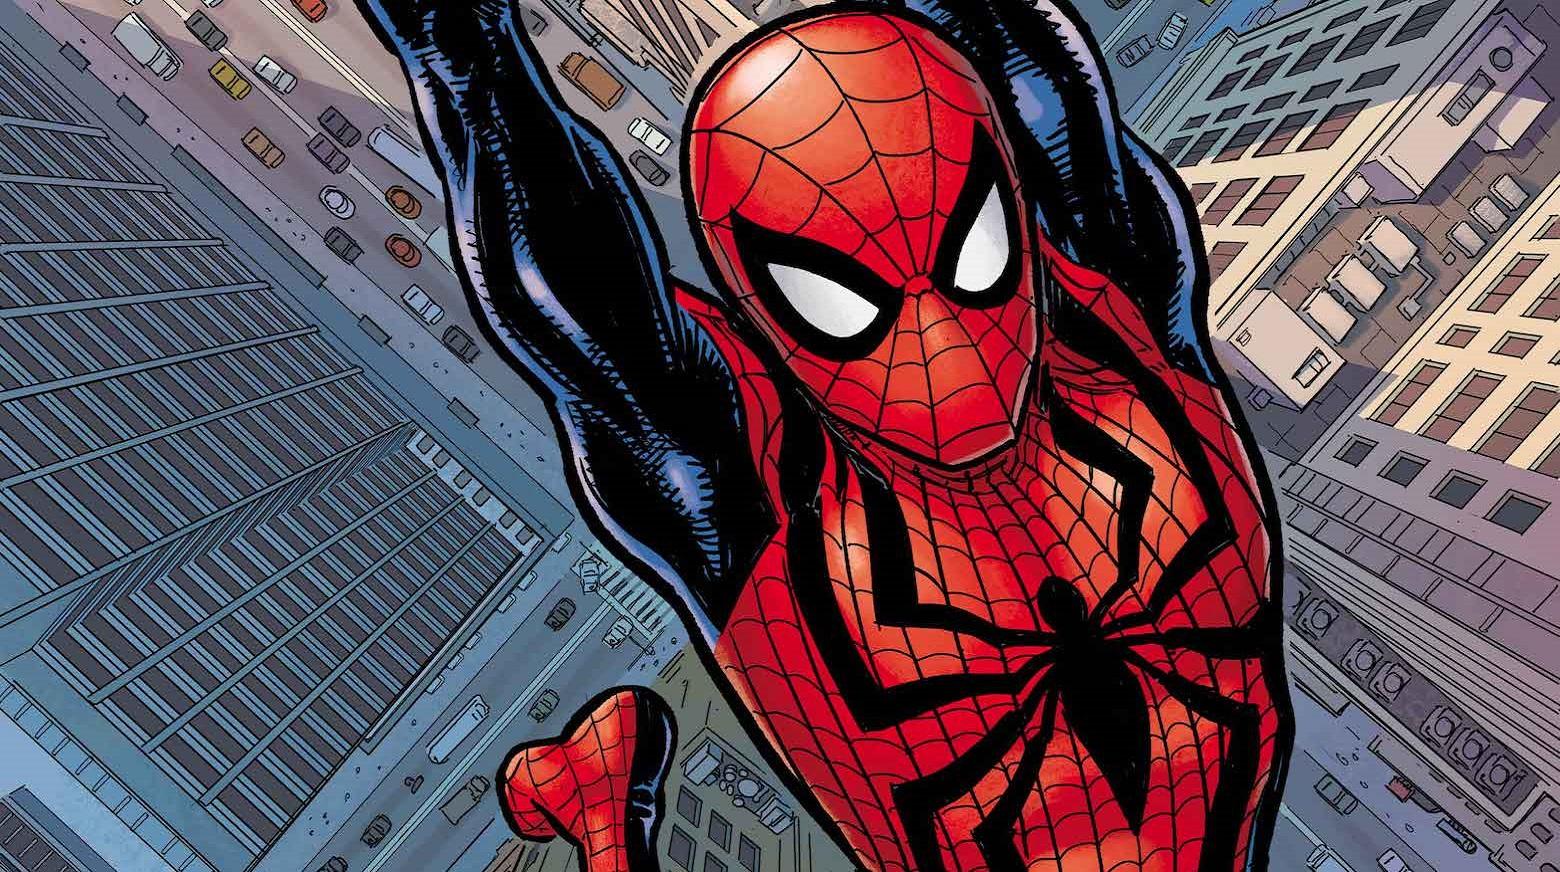 'Ben Reilly: Spider-Man'